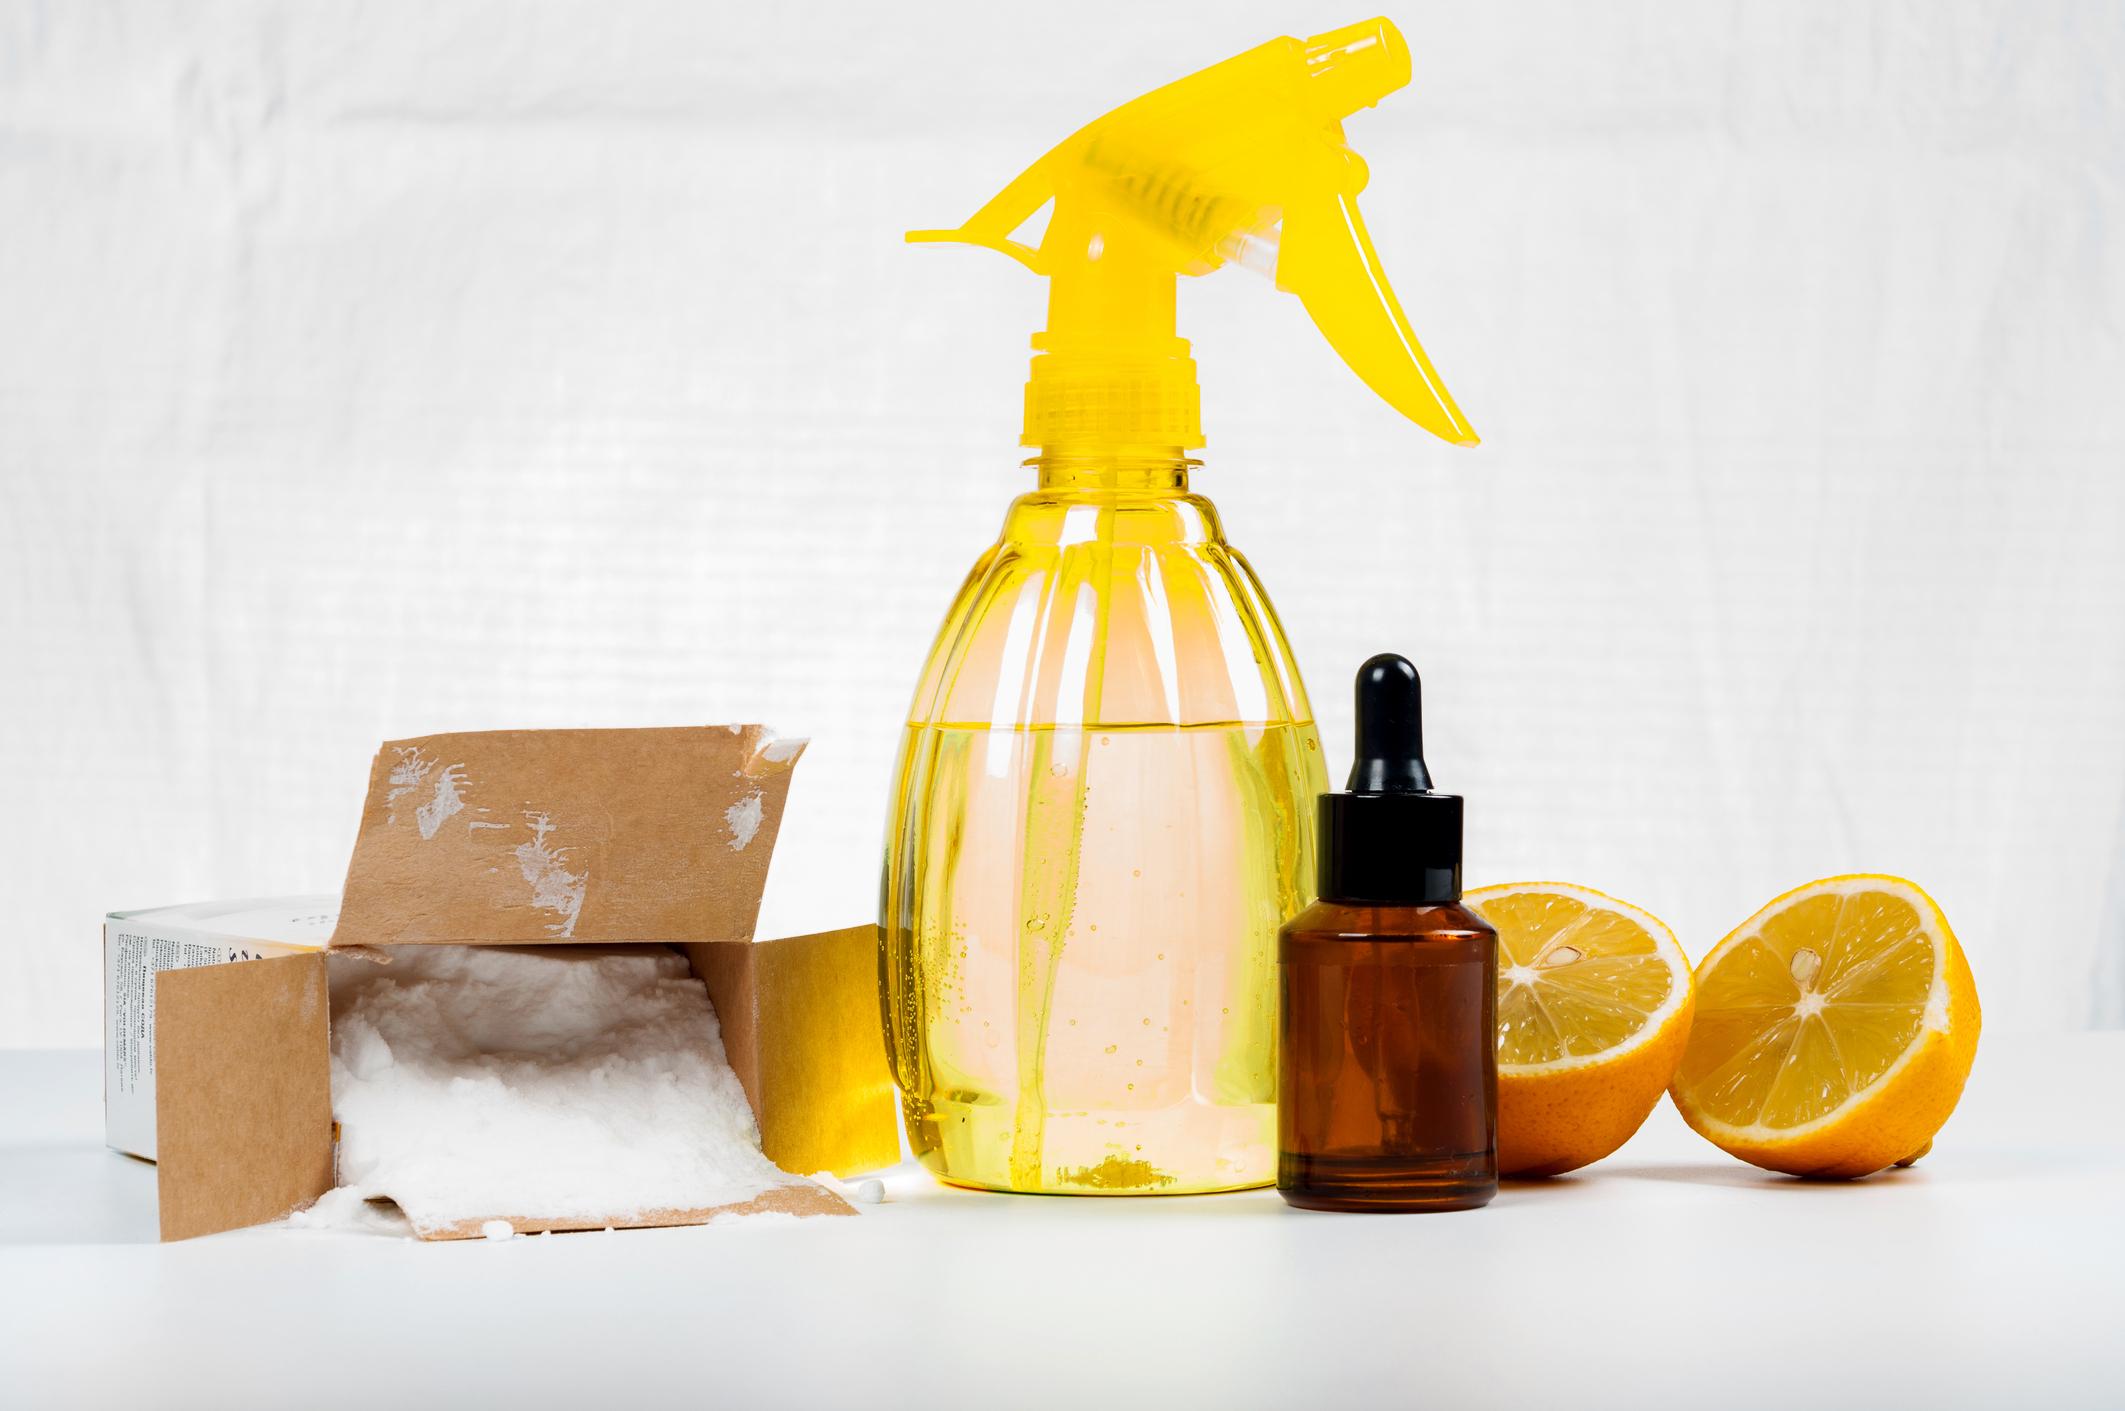 Оцетът е чудесен за чистене на всякакви повърхности, но не и за подови настилки от дърво.